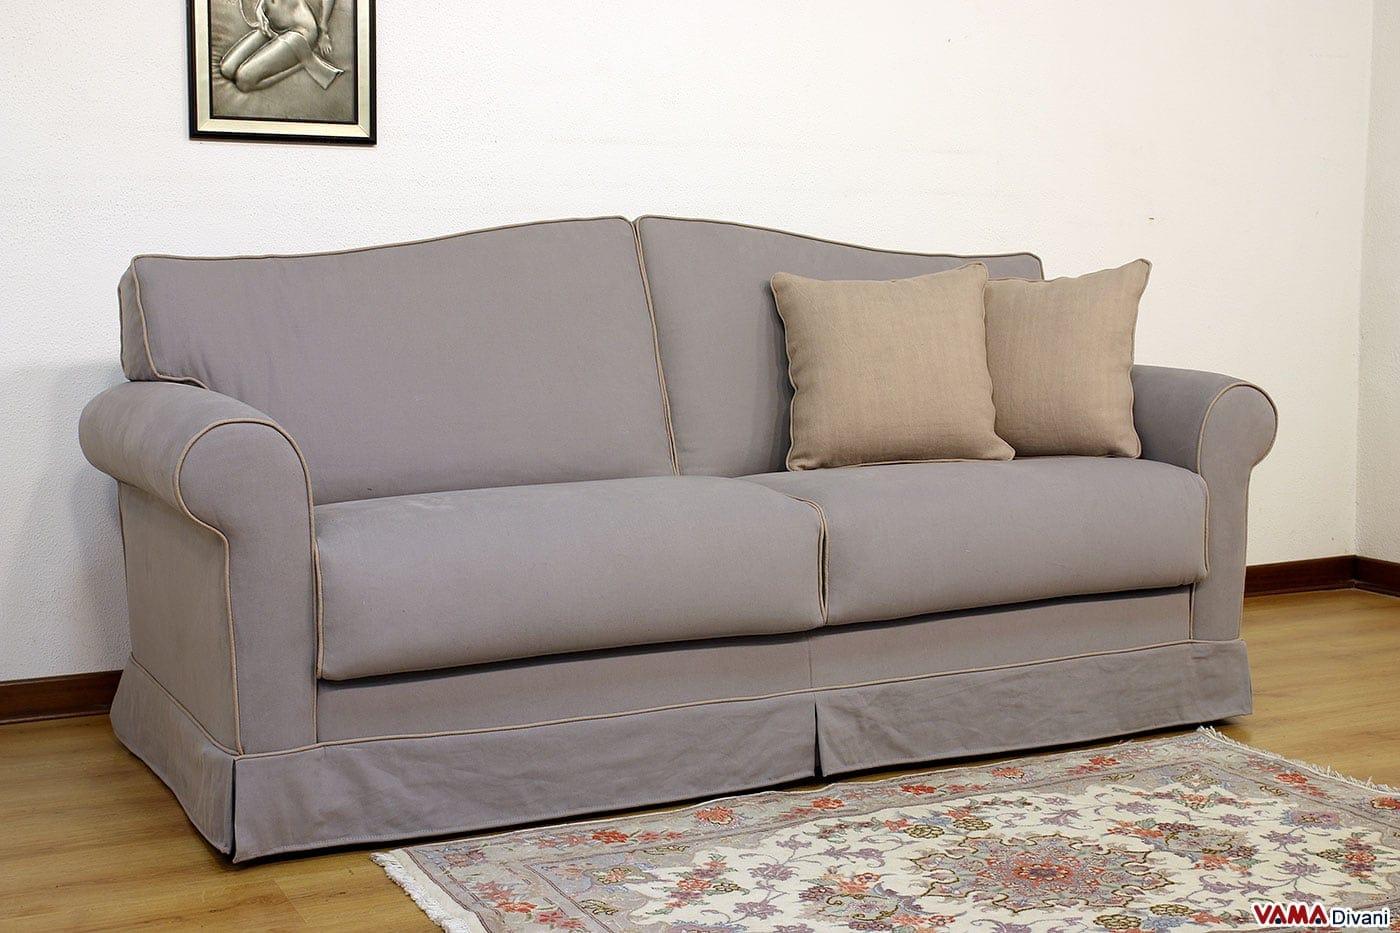 Pronto letto galles vama divani for Letti e divani